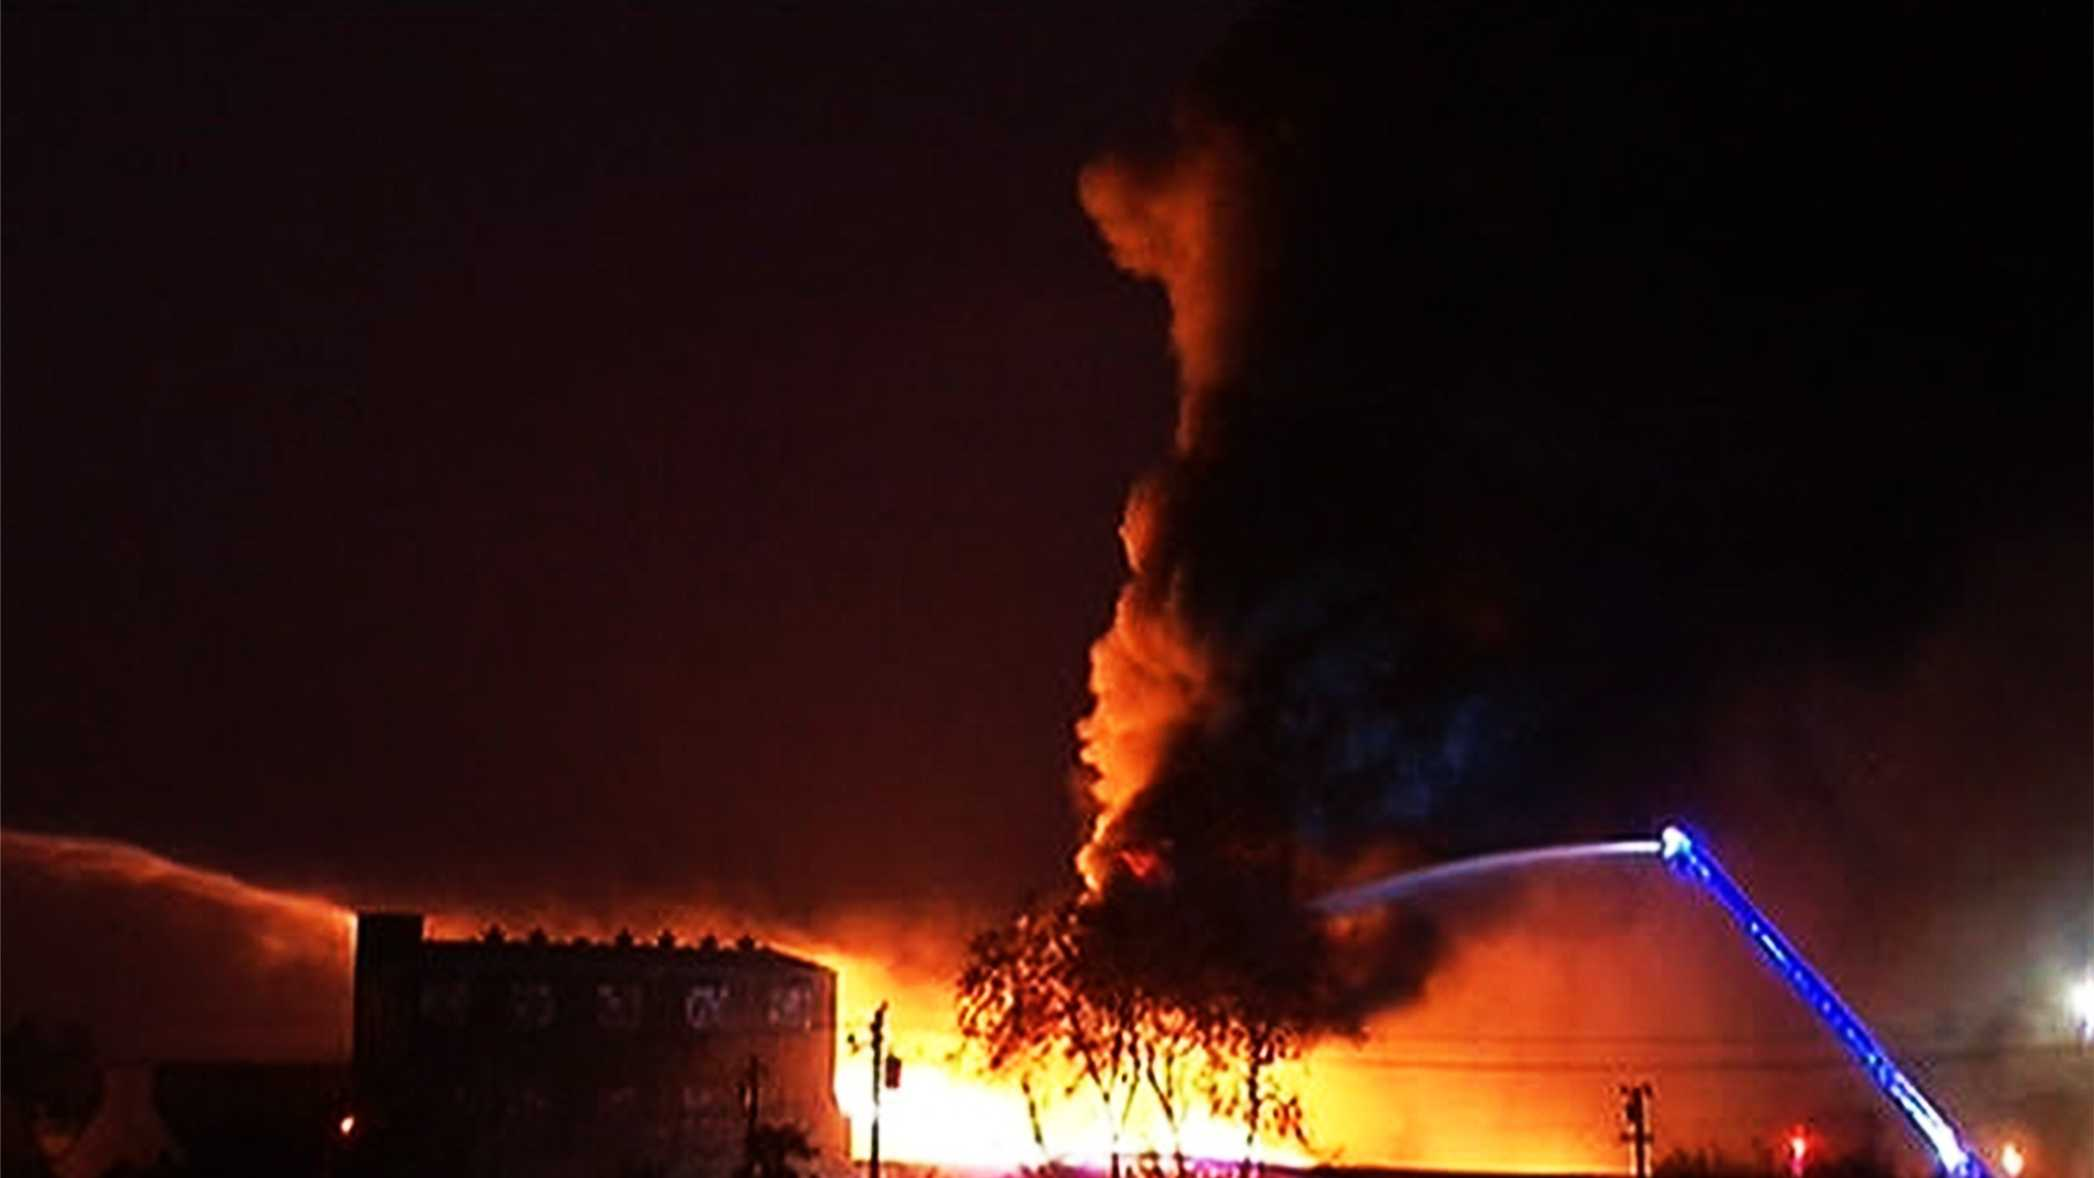 San Jose (Jan. 9, 2014)